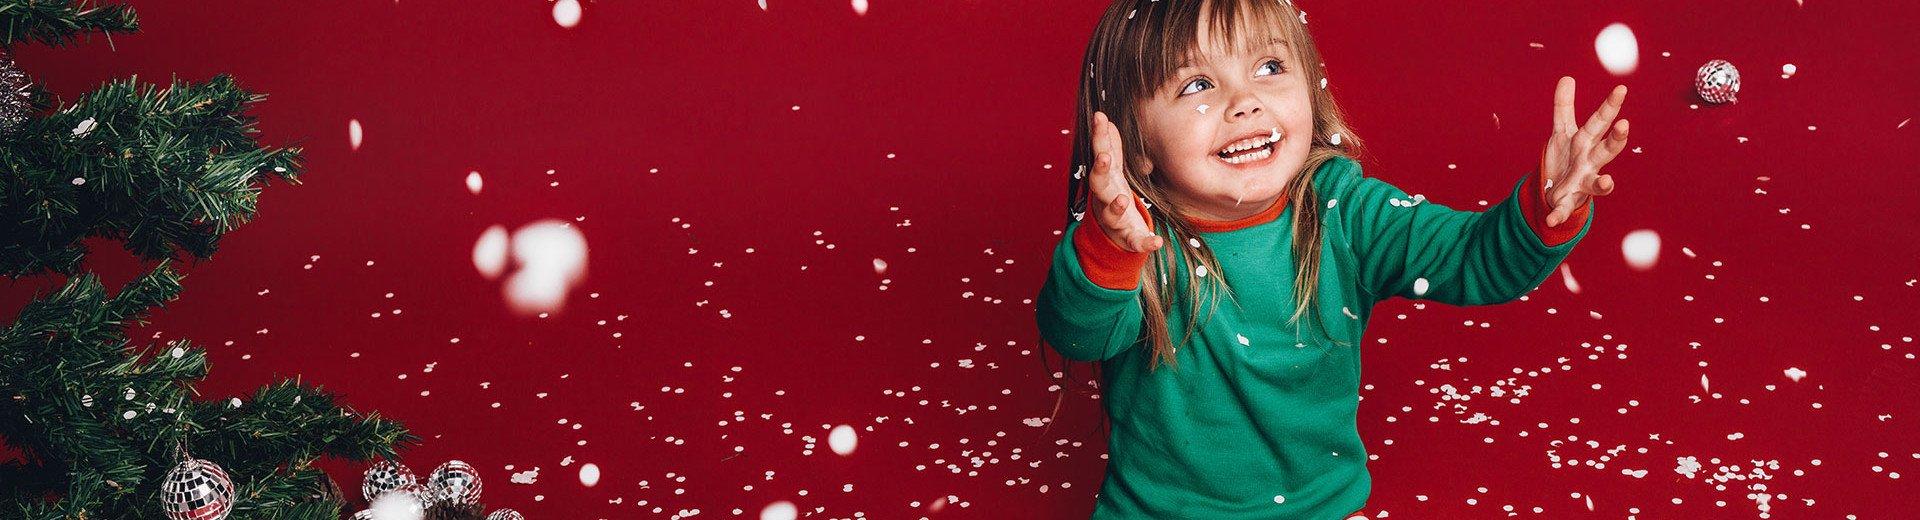 Okładka artykułu Darmowe materiały dla projektantów — Edycja na Boże Narodzenie 2020